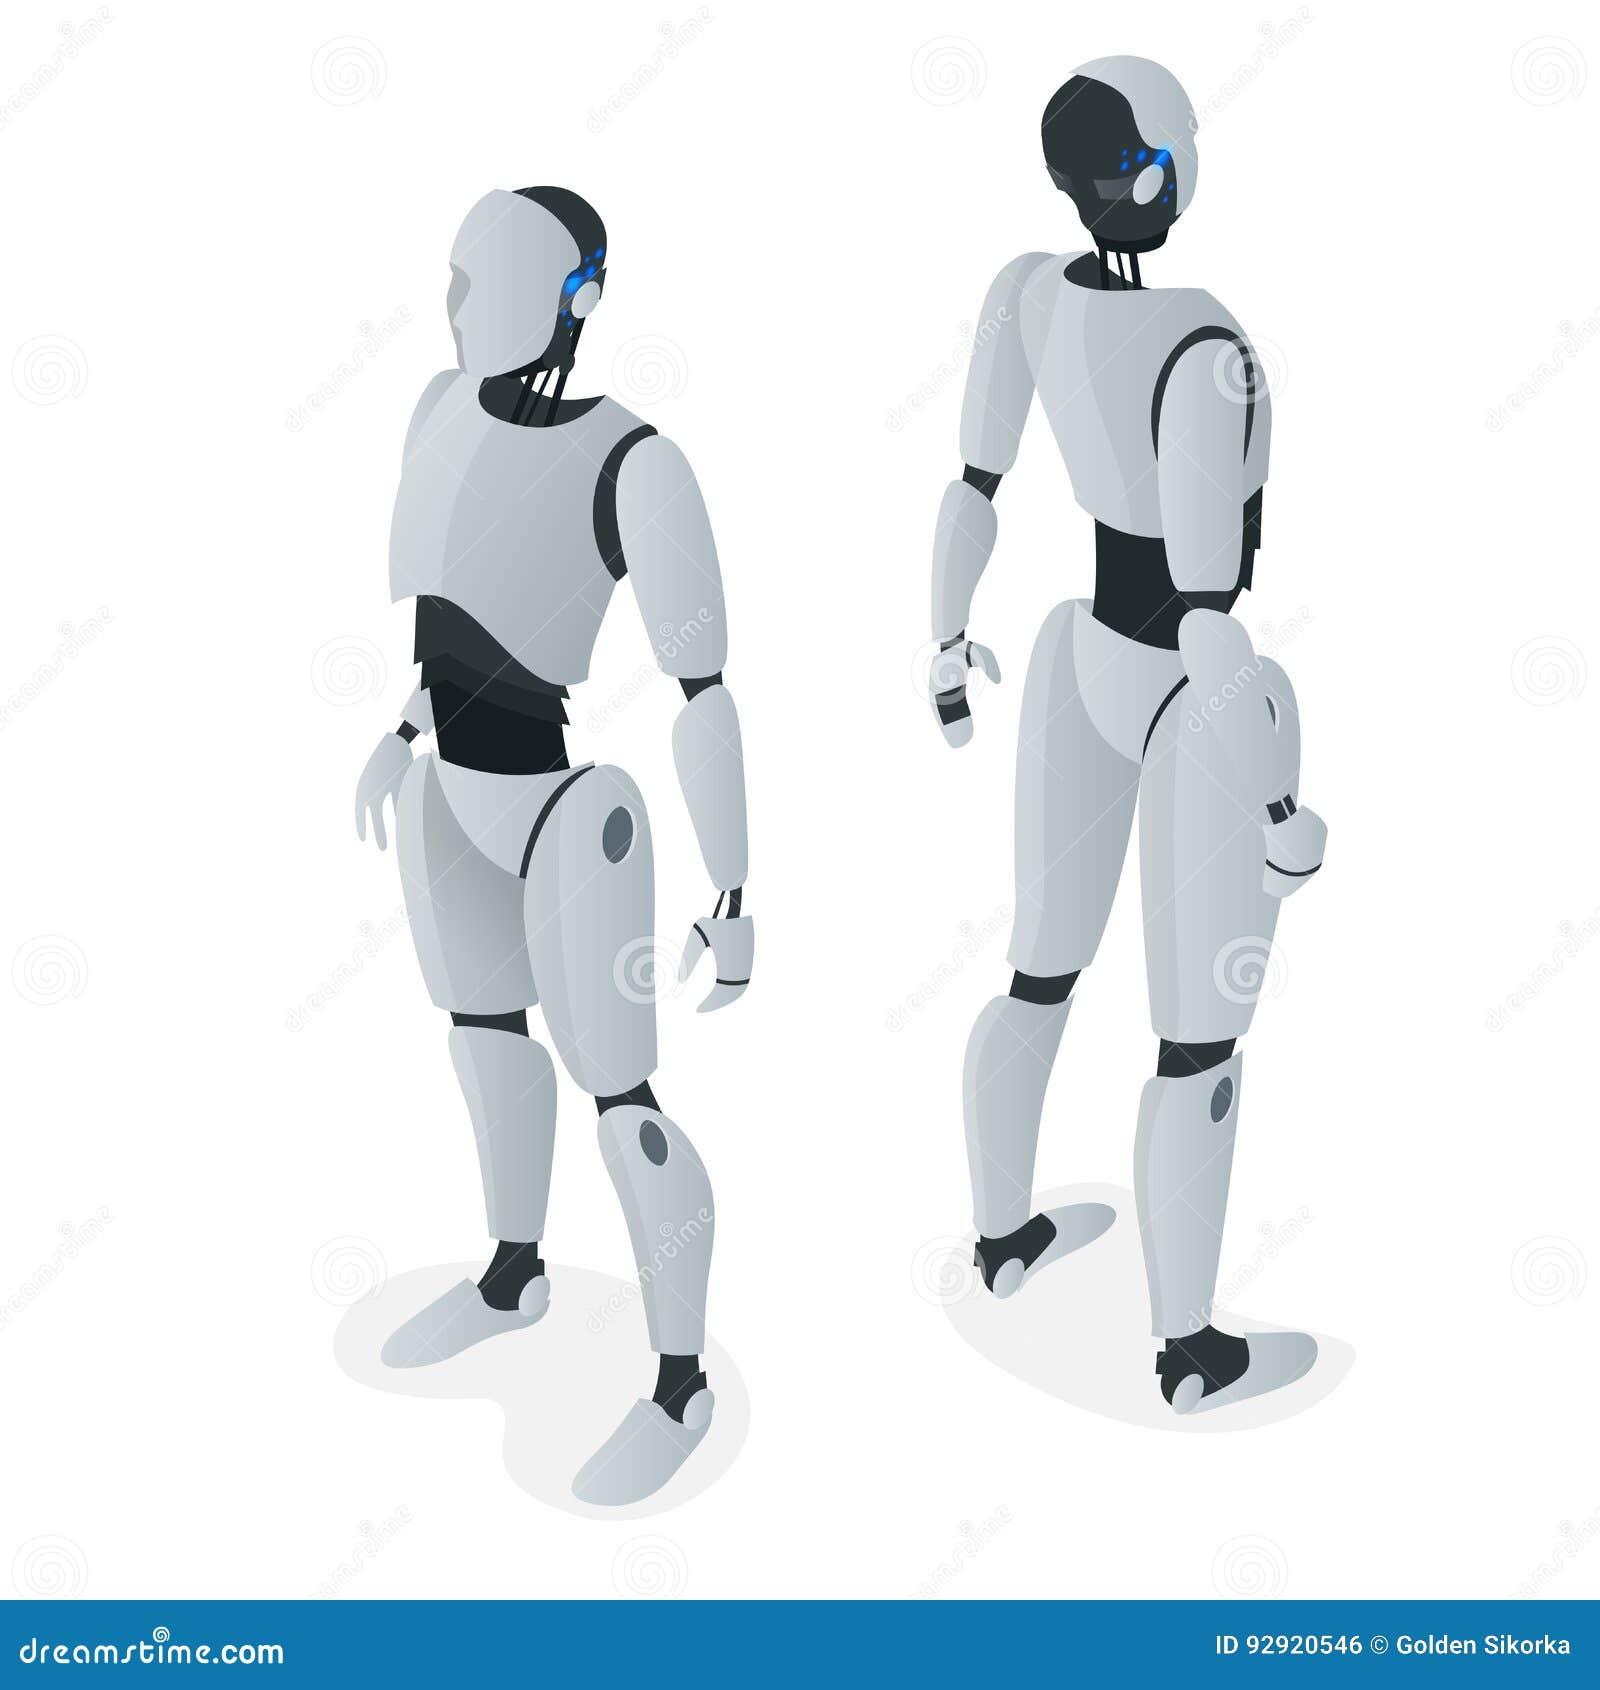 Равновеликий автономный робот Плоский вектор изолированный на белой иллюстрации искусственный интеллект